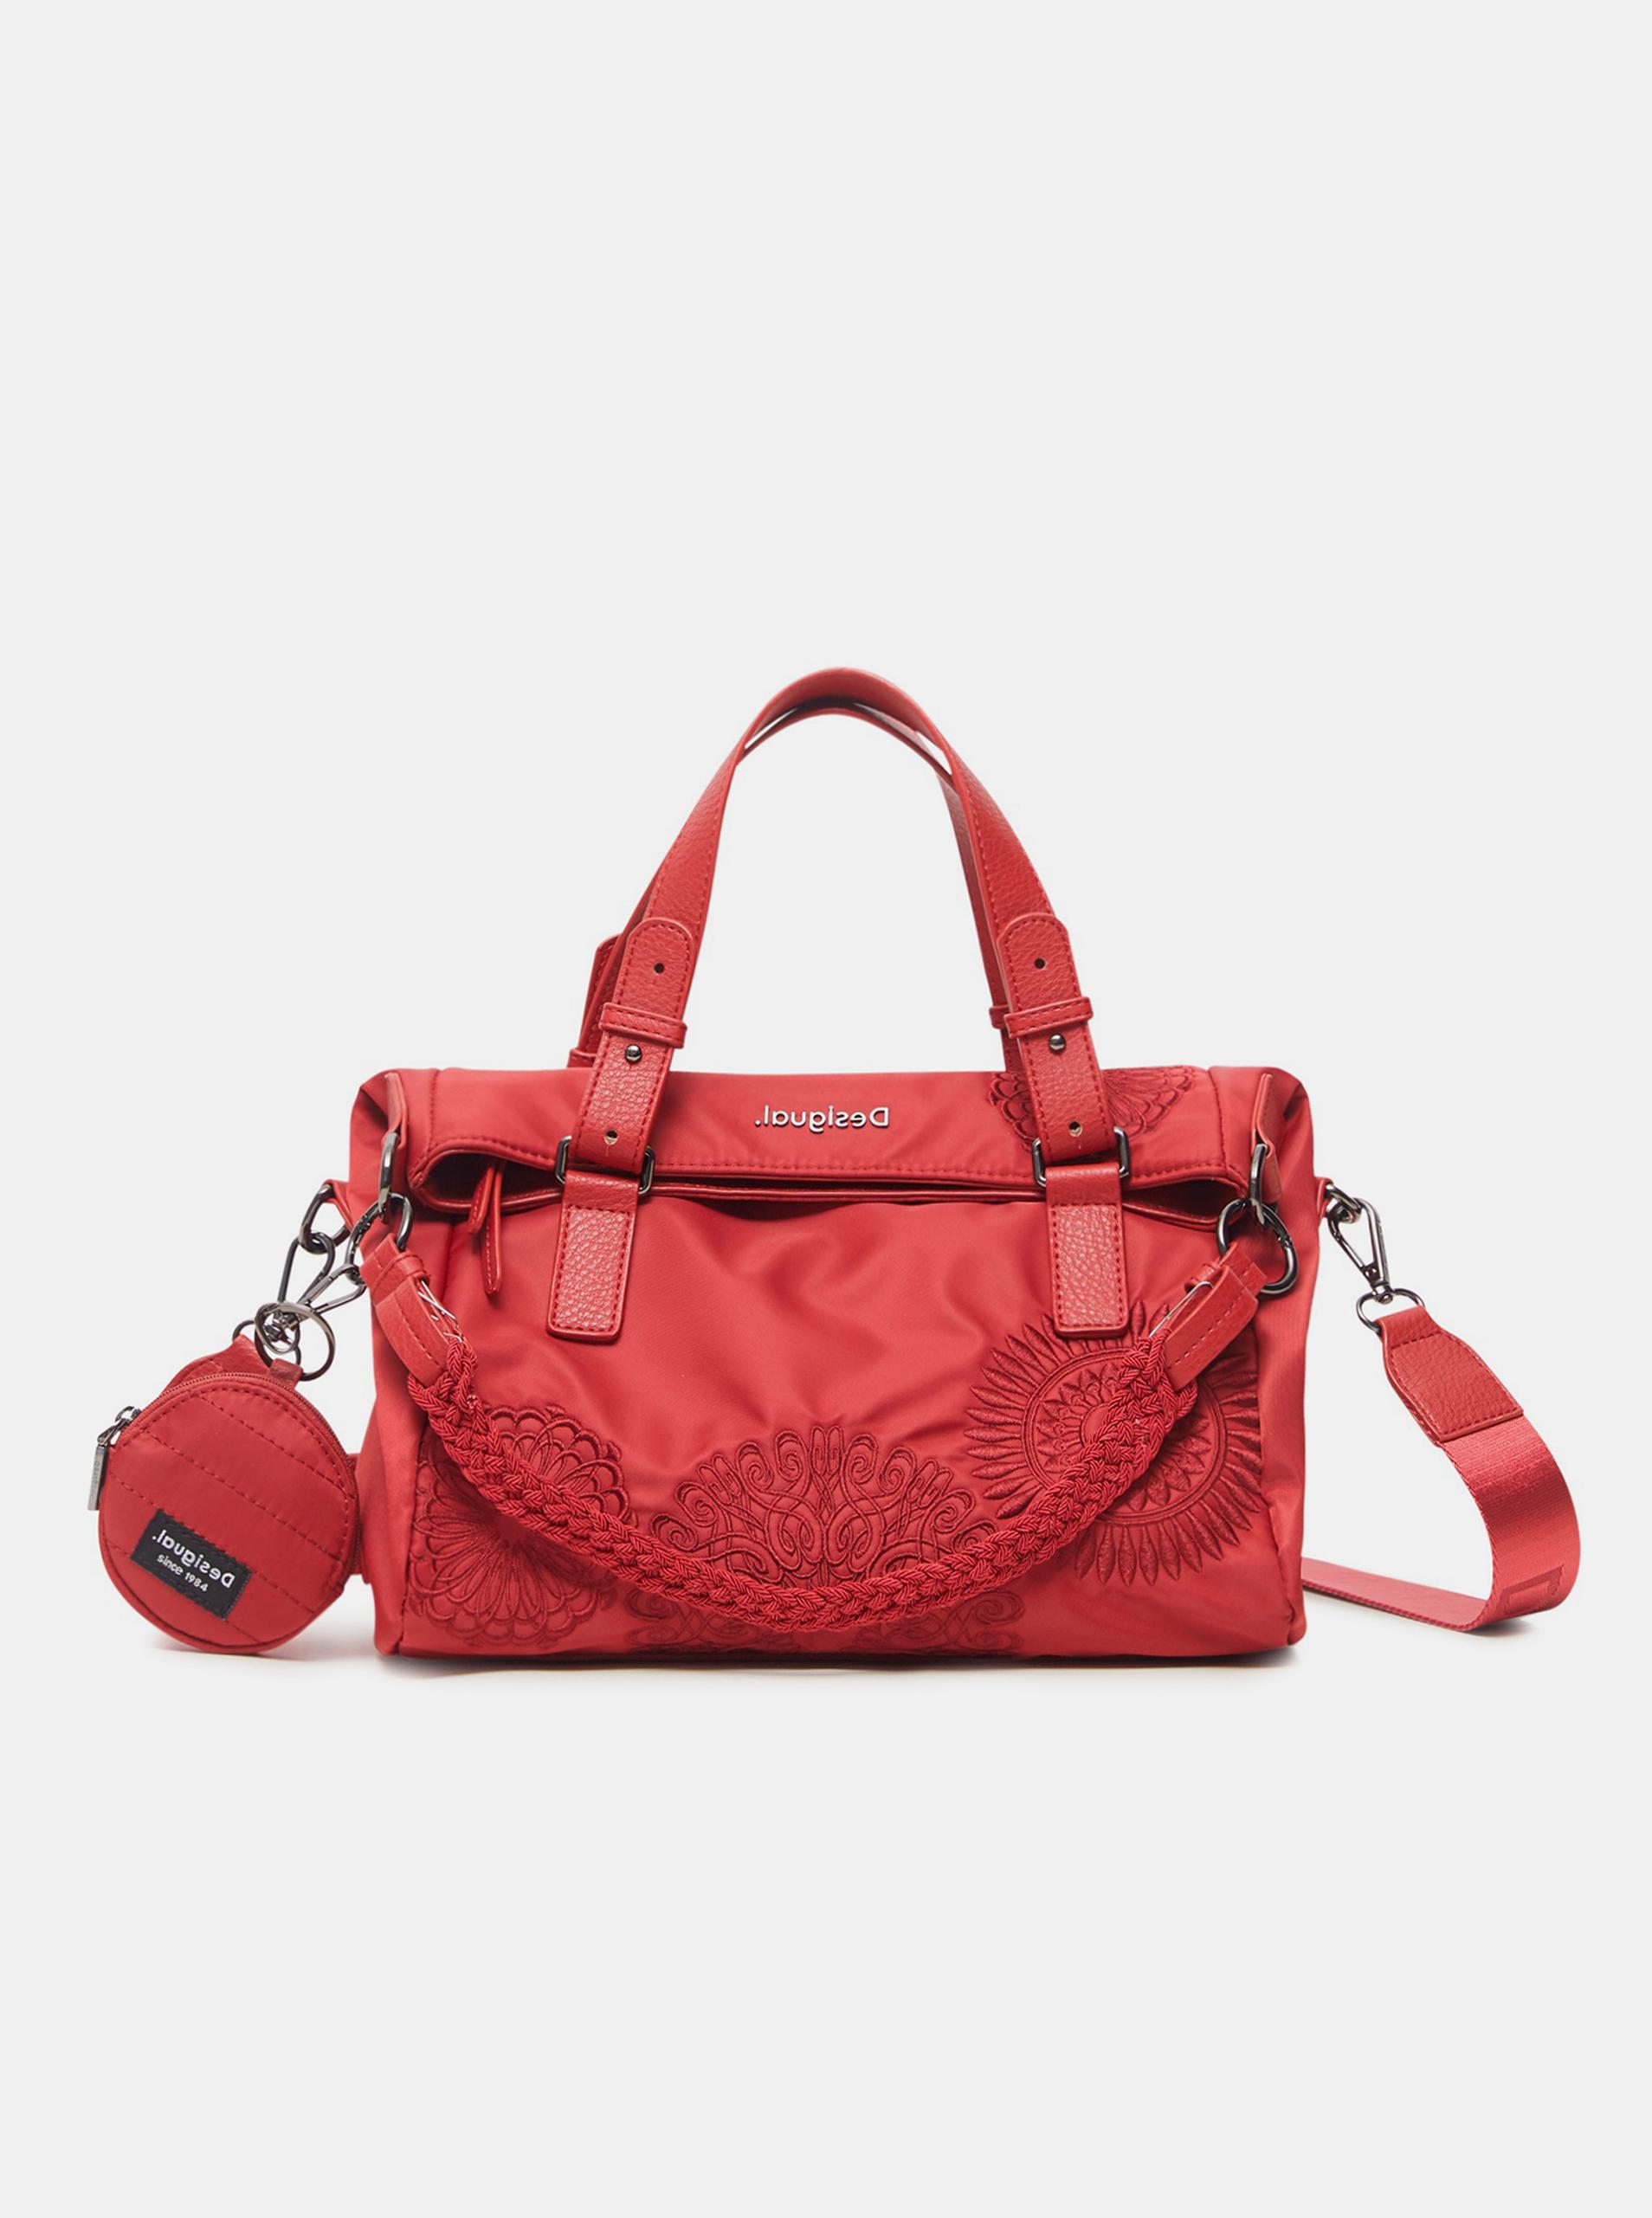 Červená dámská vzorovaná kabelka Desigual Mandrala Loverty 2.0